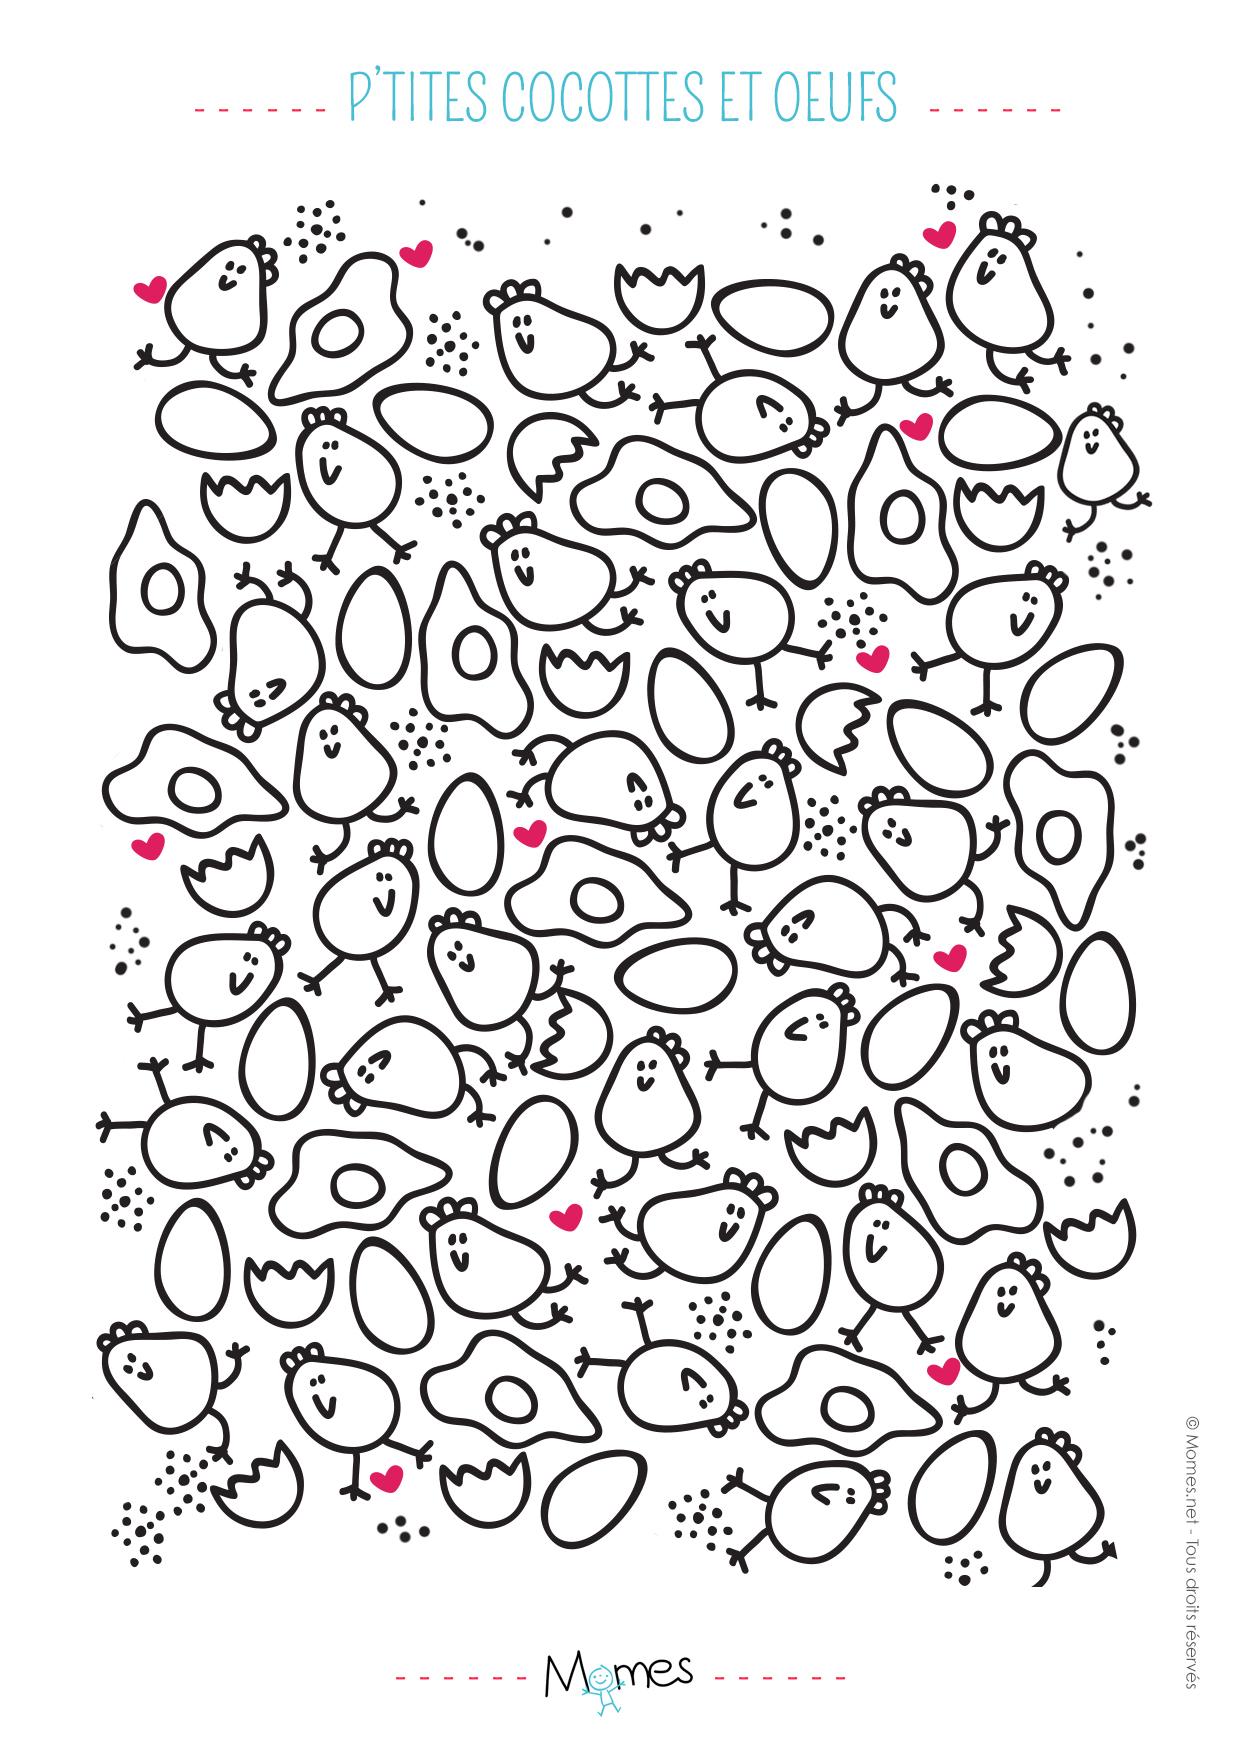 Coloriage Paques Poule.Coloriage De Paques Poules Et Oeufs Momes Net